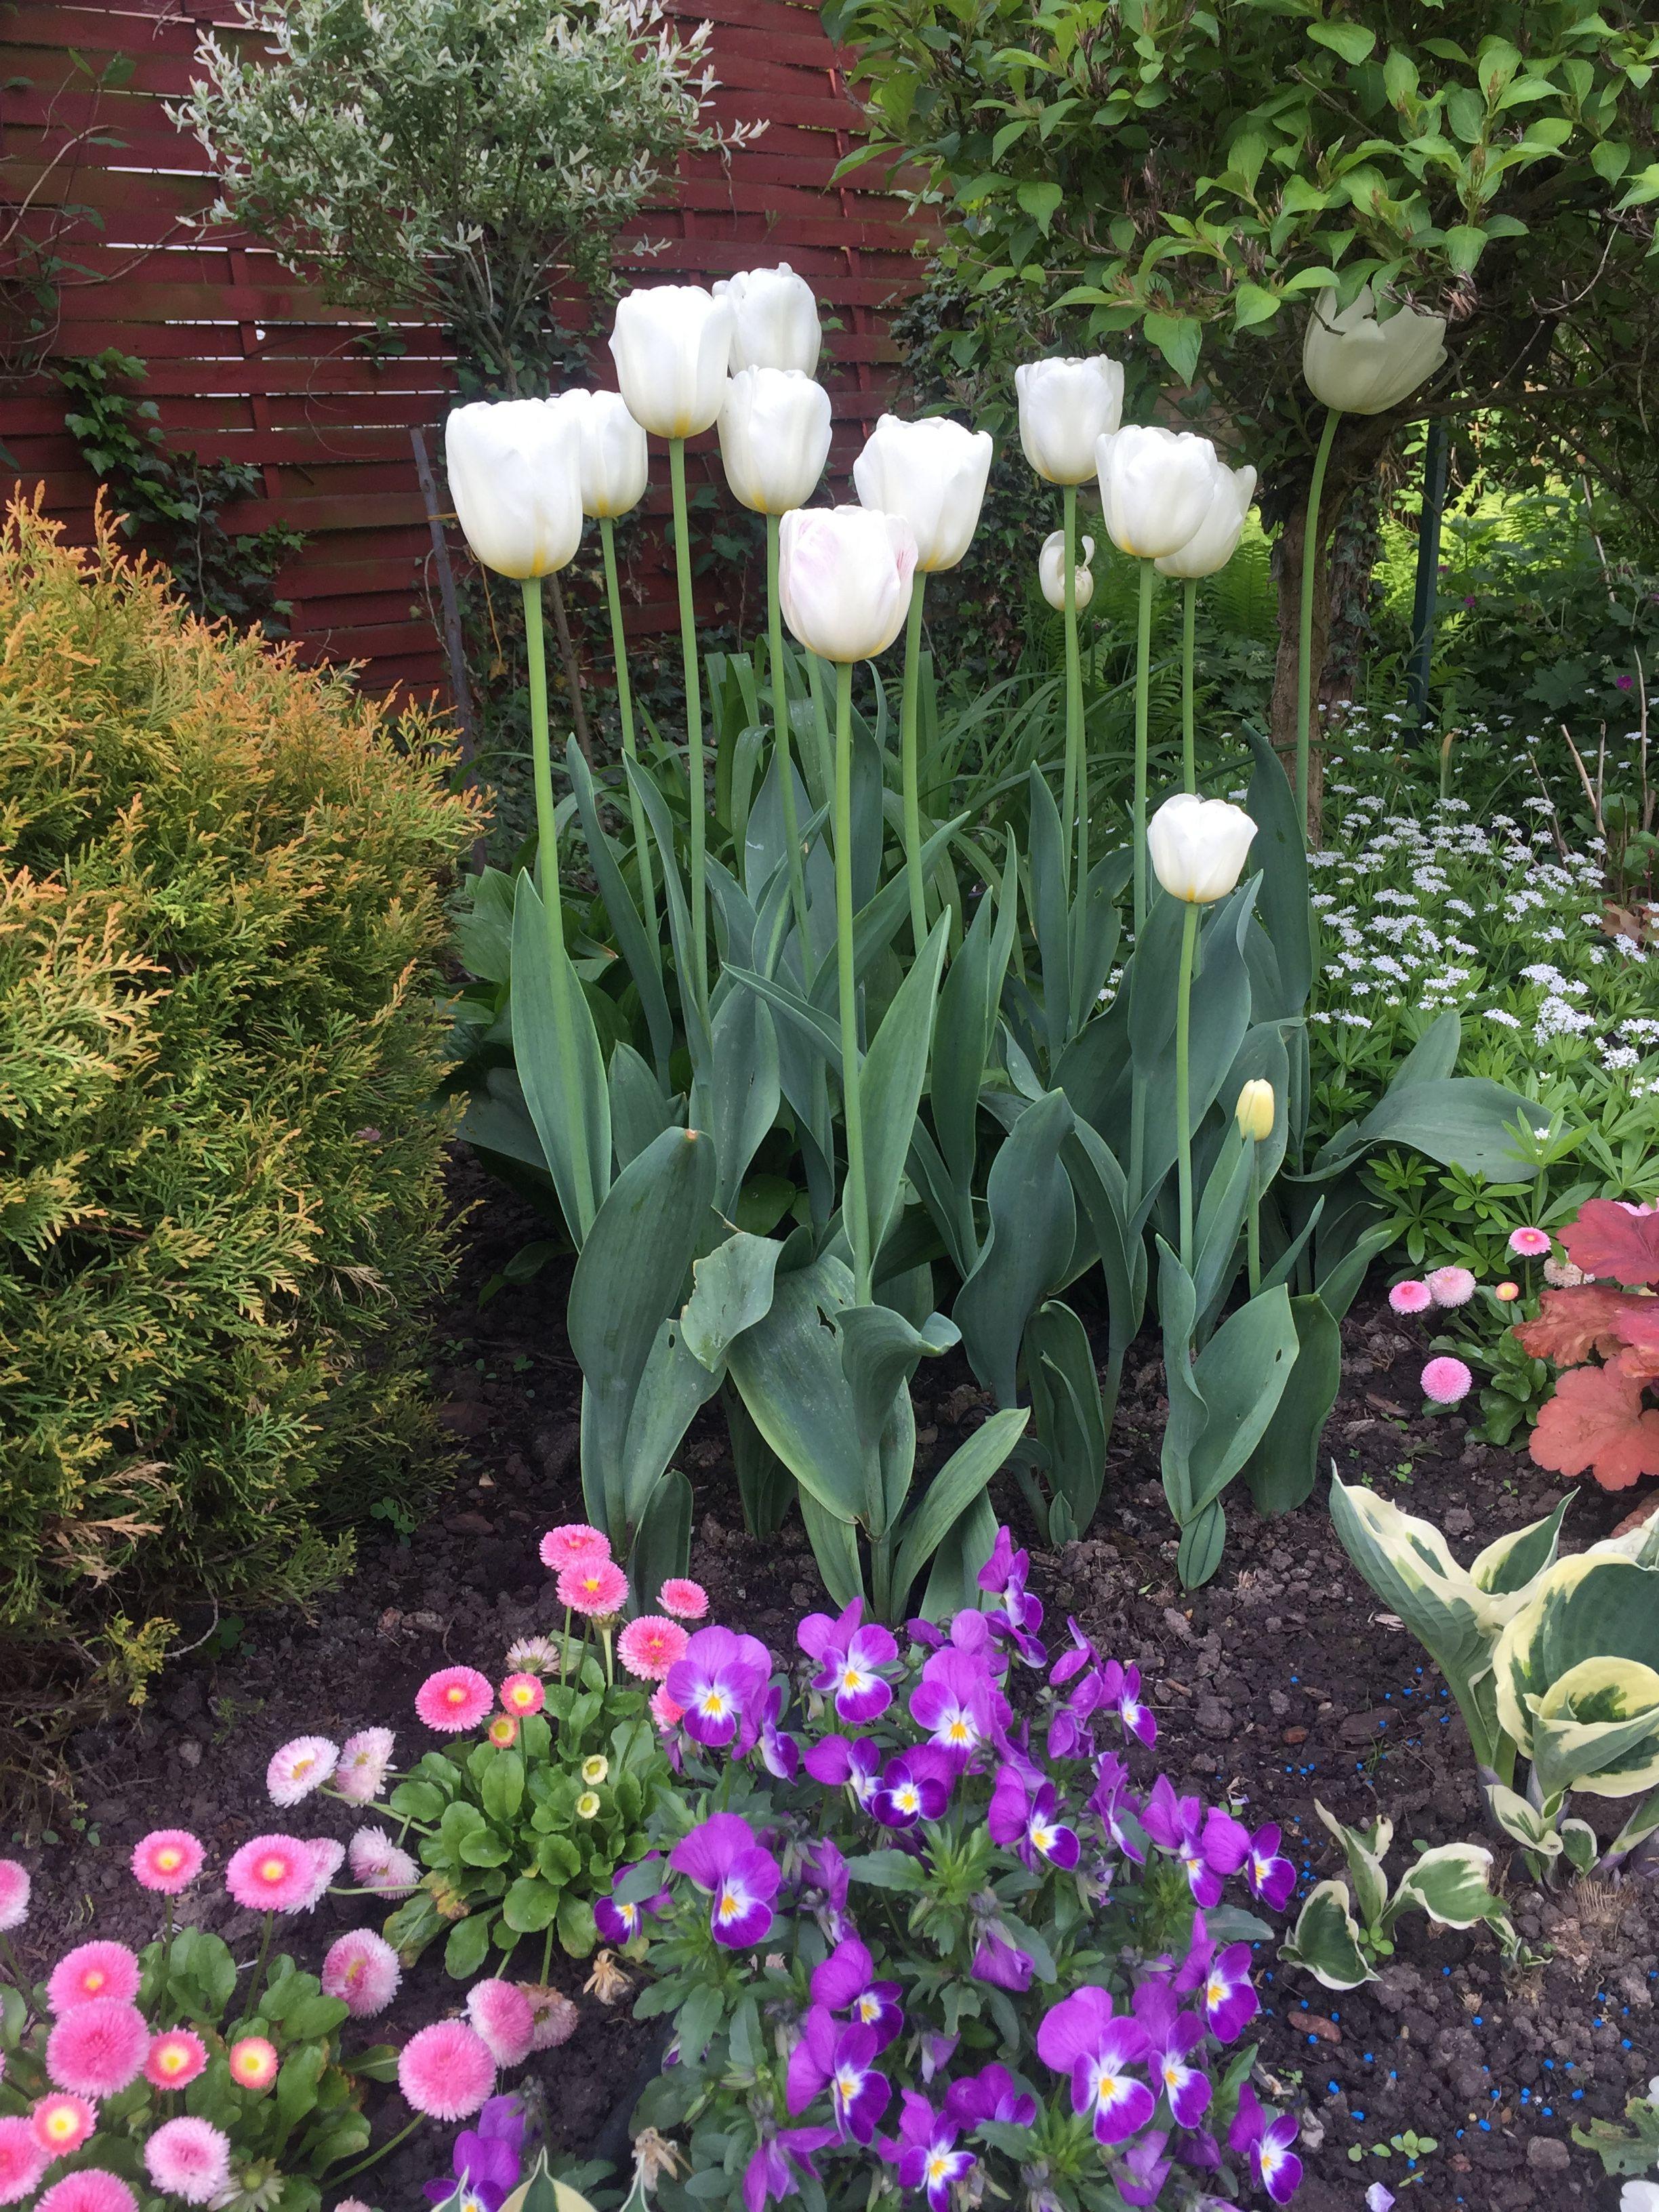 Pin By Hanna Pisarska On Ogrod Flower Garden Plants Flowers